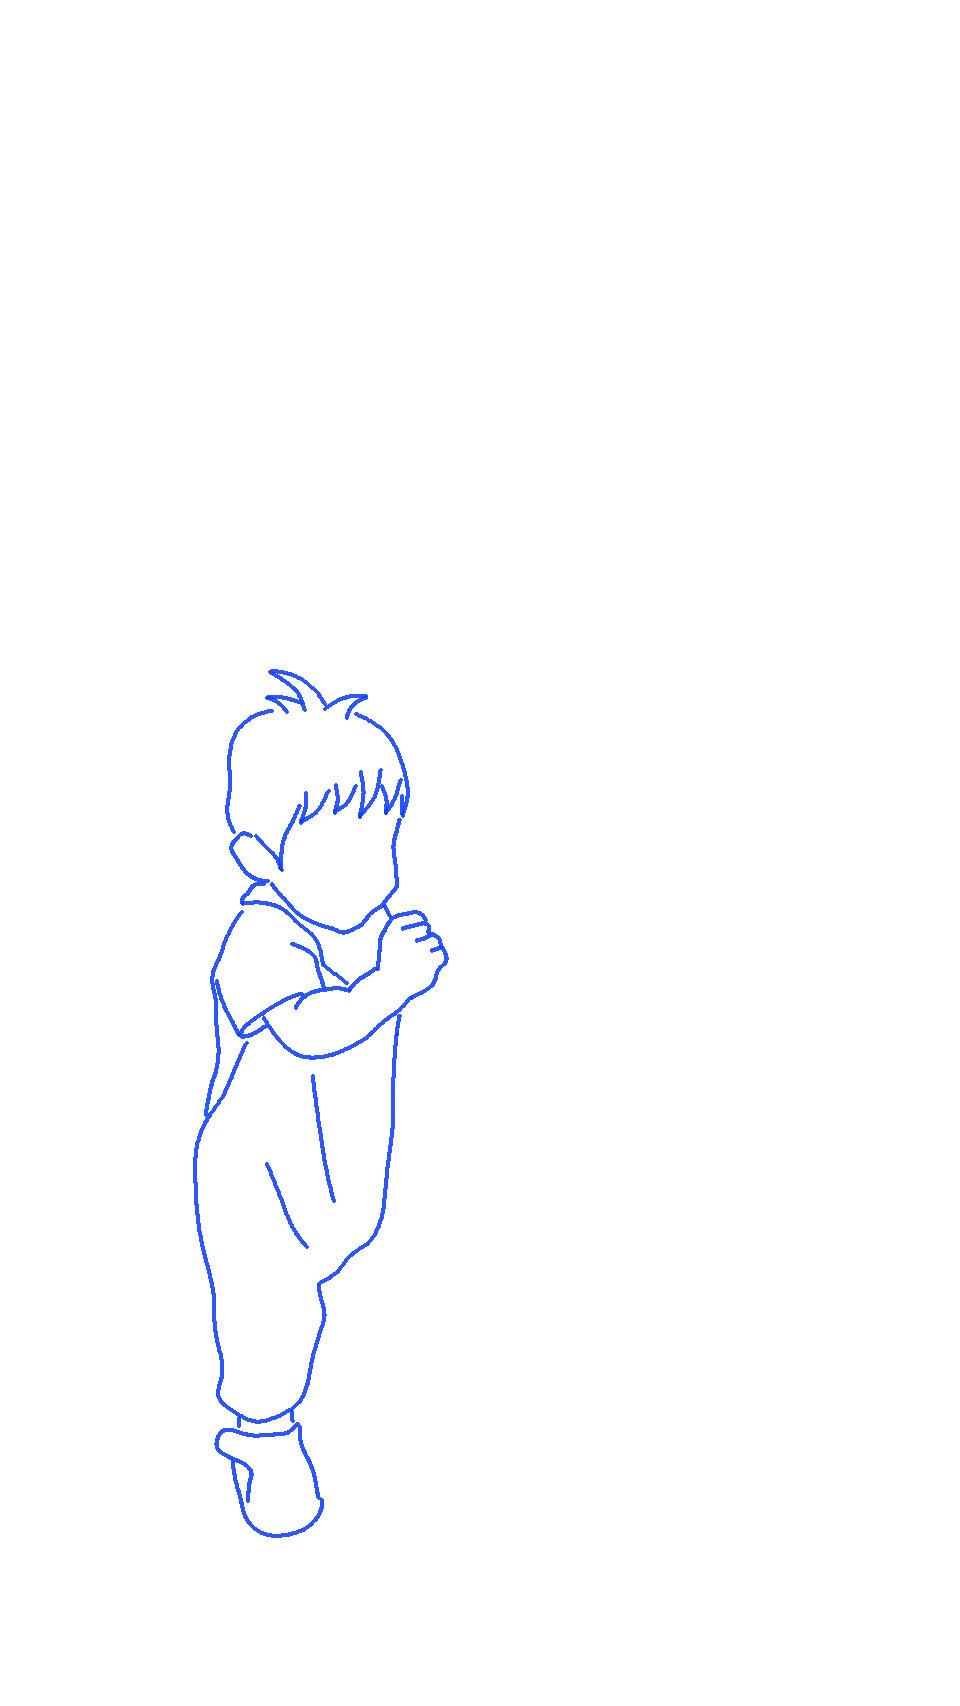 「行くぞ~」子供のシルエットイラスト